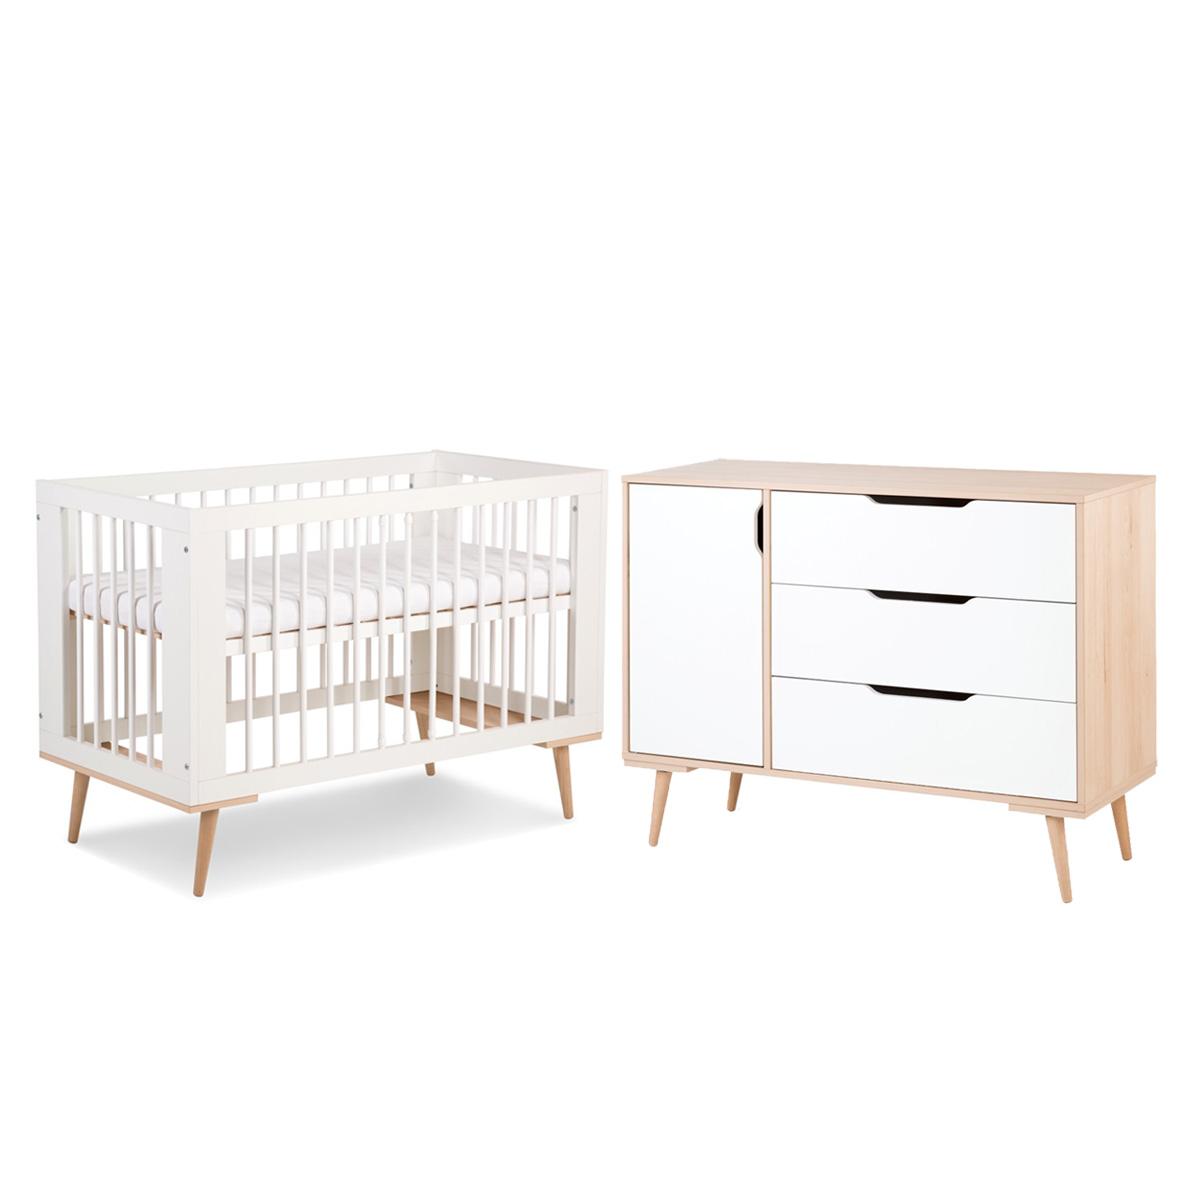 Lit bébé 60x120 et Commode à langer LittleSky by Klups Sofie - Blanc